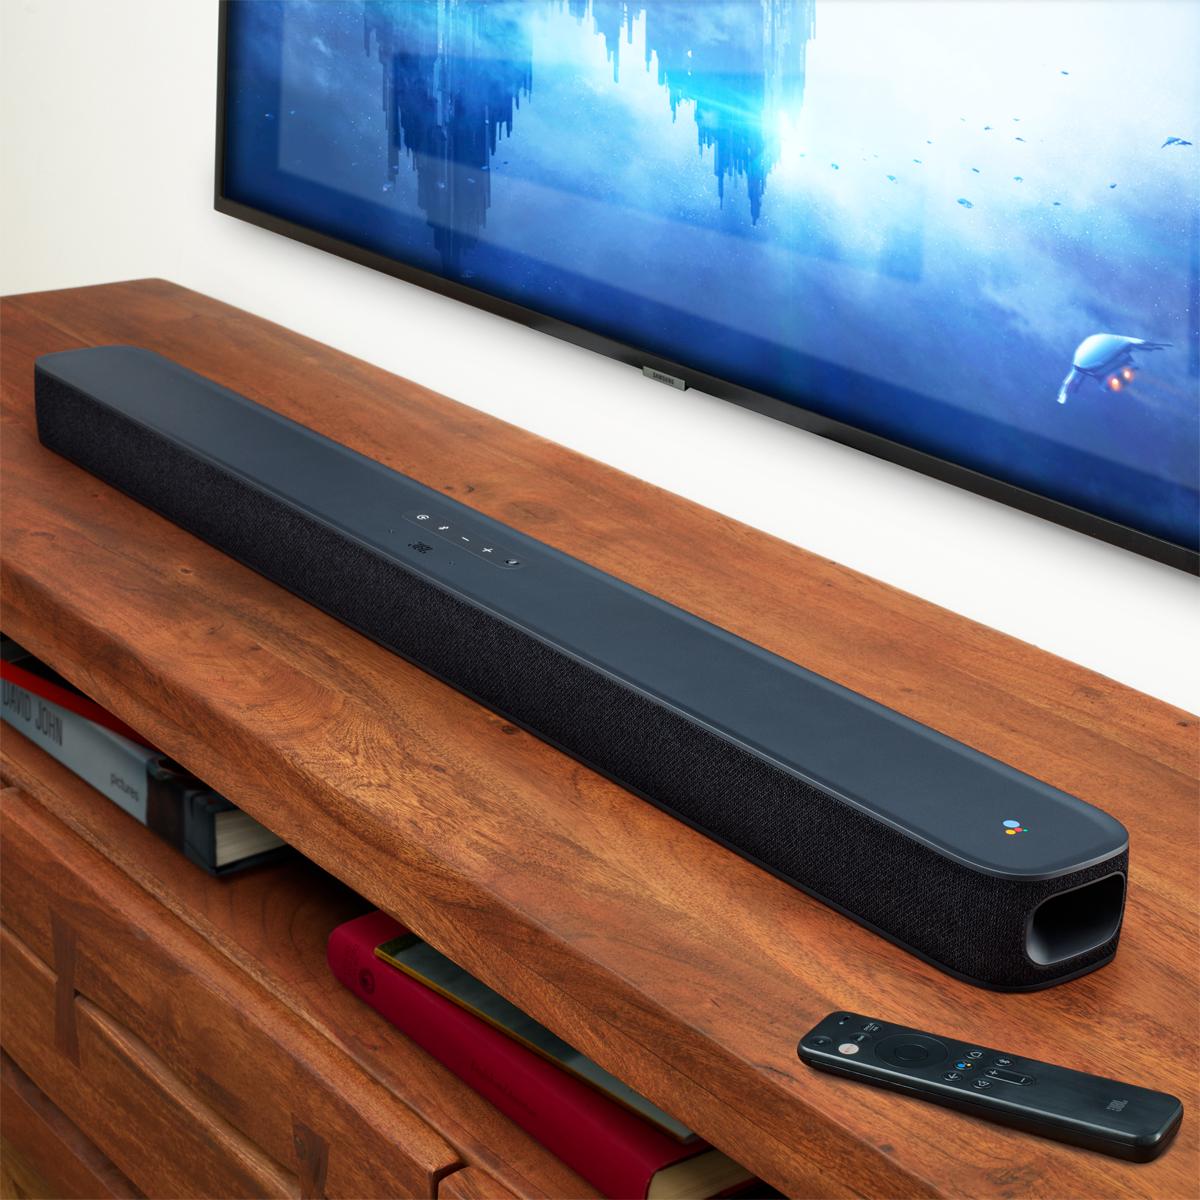 サウンドバー+Android TVの1台2役! JBL「LINK BAR」がなかなか便利でハイコスパ